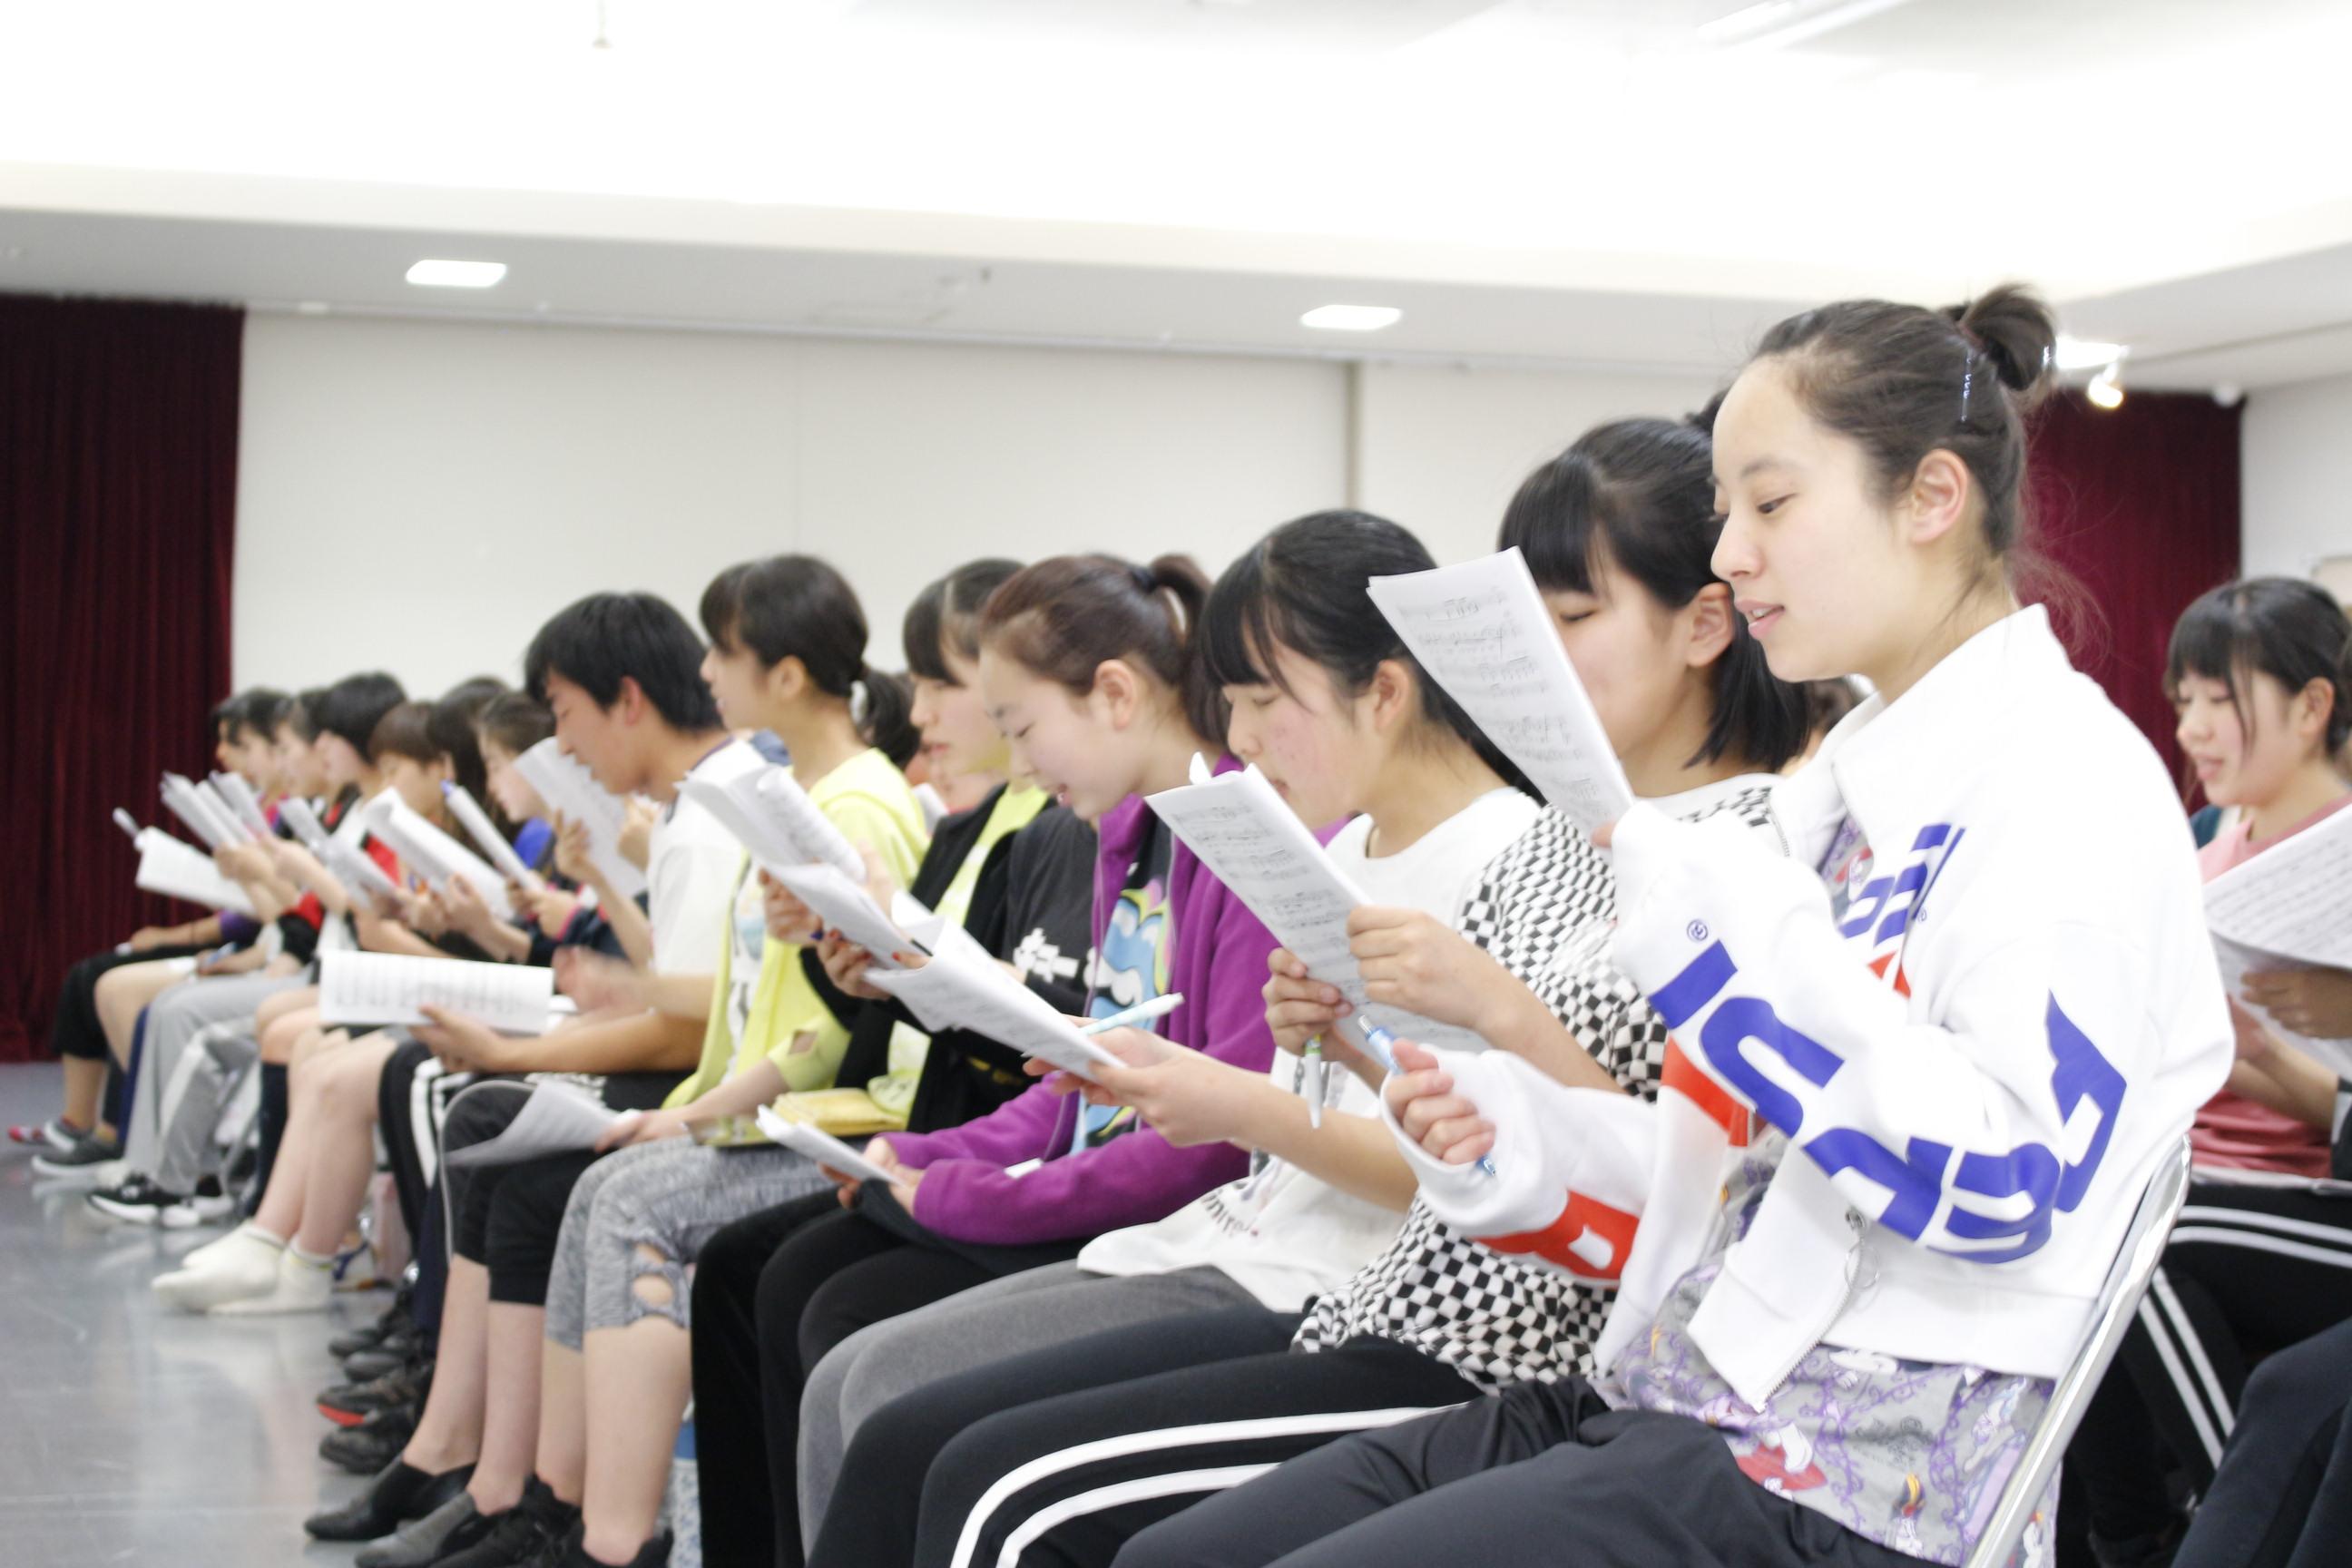 高校生は3日で英語や中国語でプレゼンできるようになるか?ミュージカルをつくれるか?